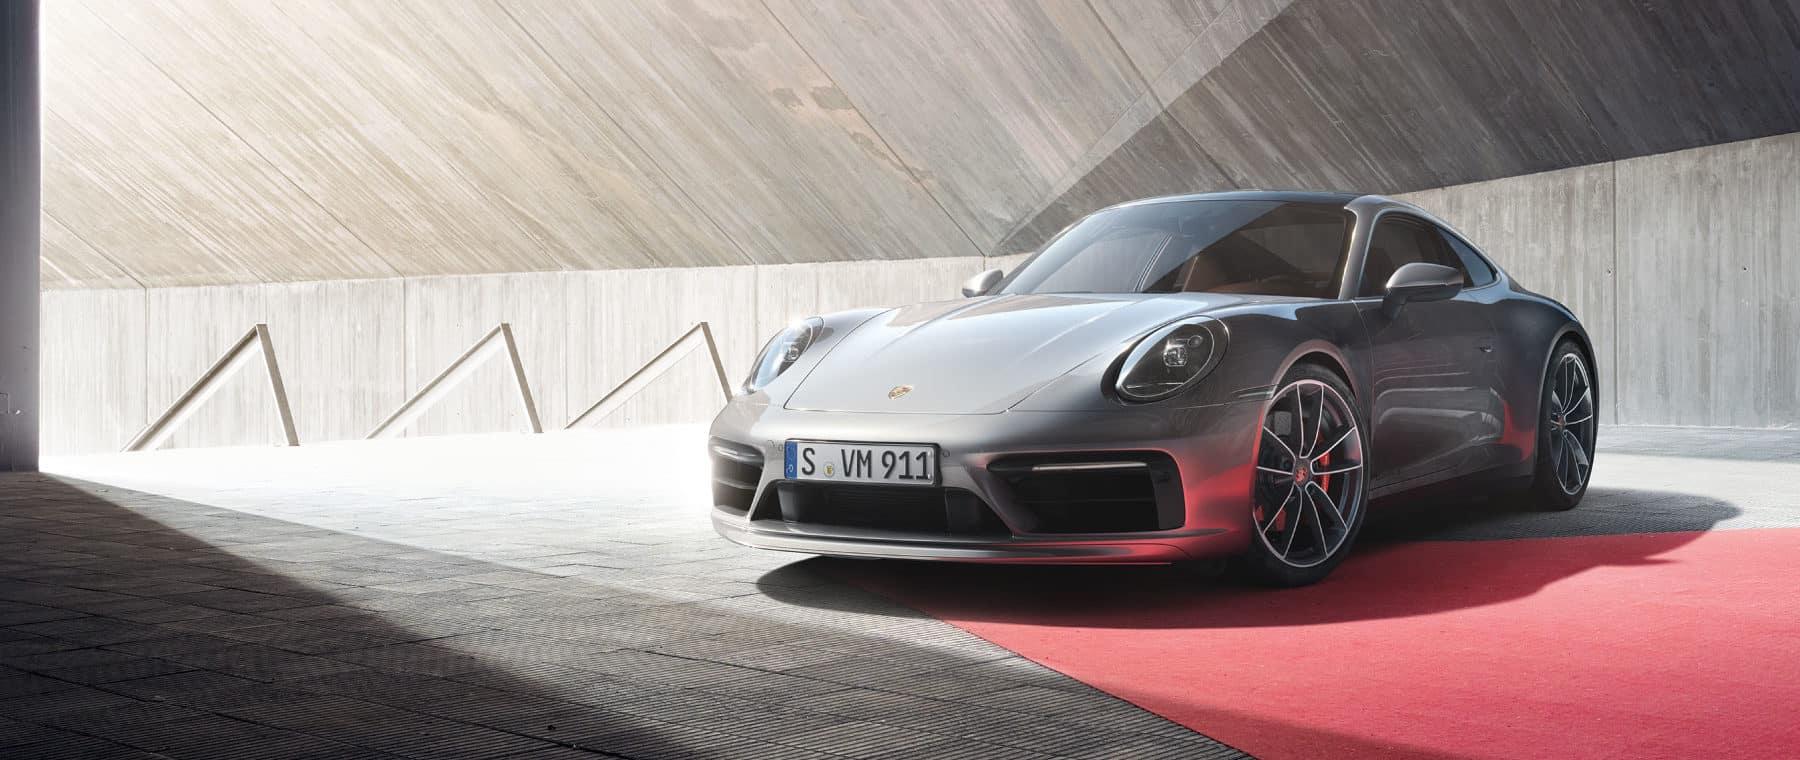 Autobahn Porsche Fort Worth | All New 2020 911